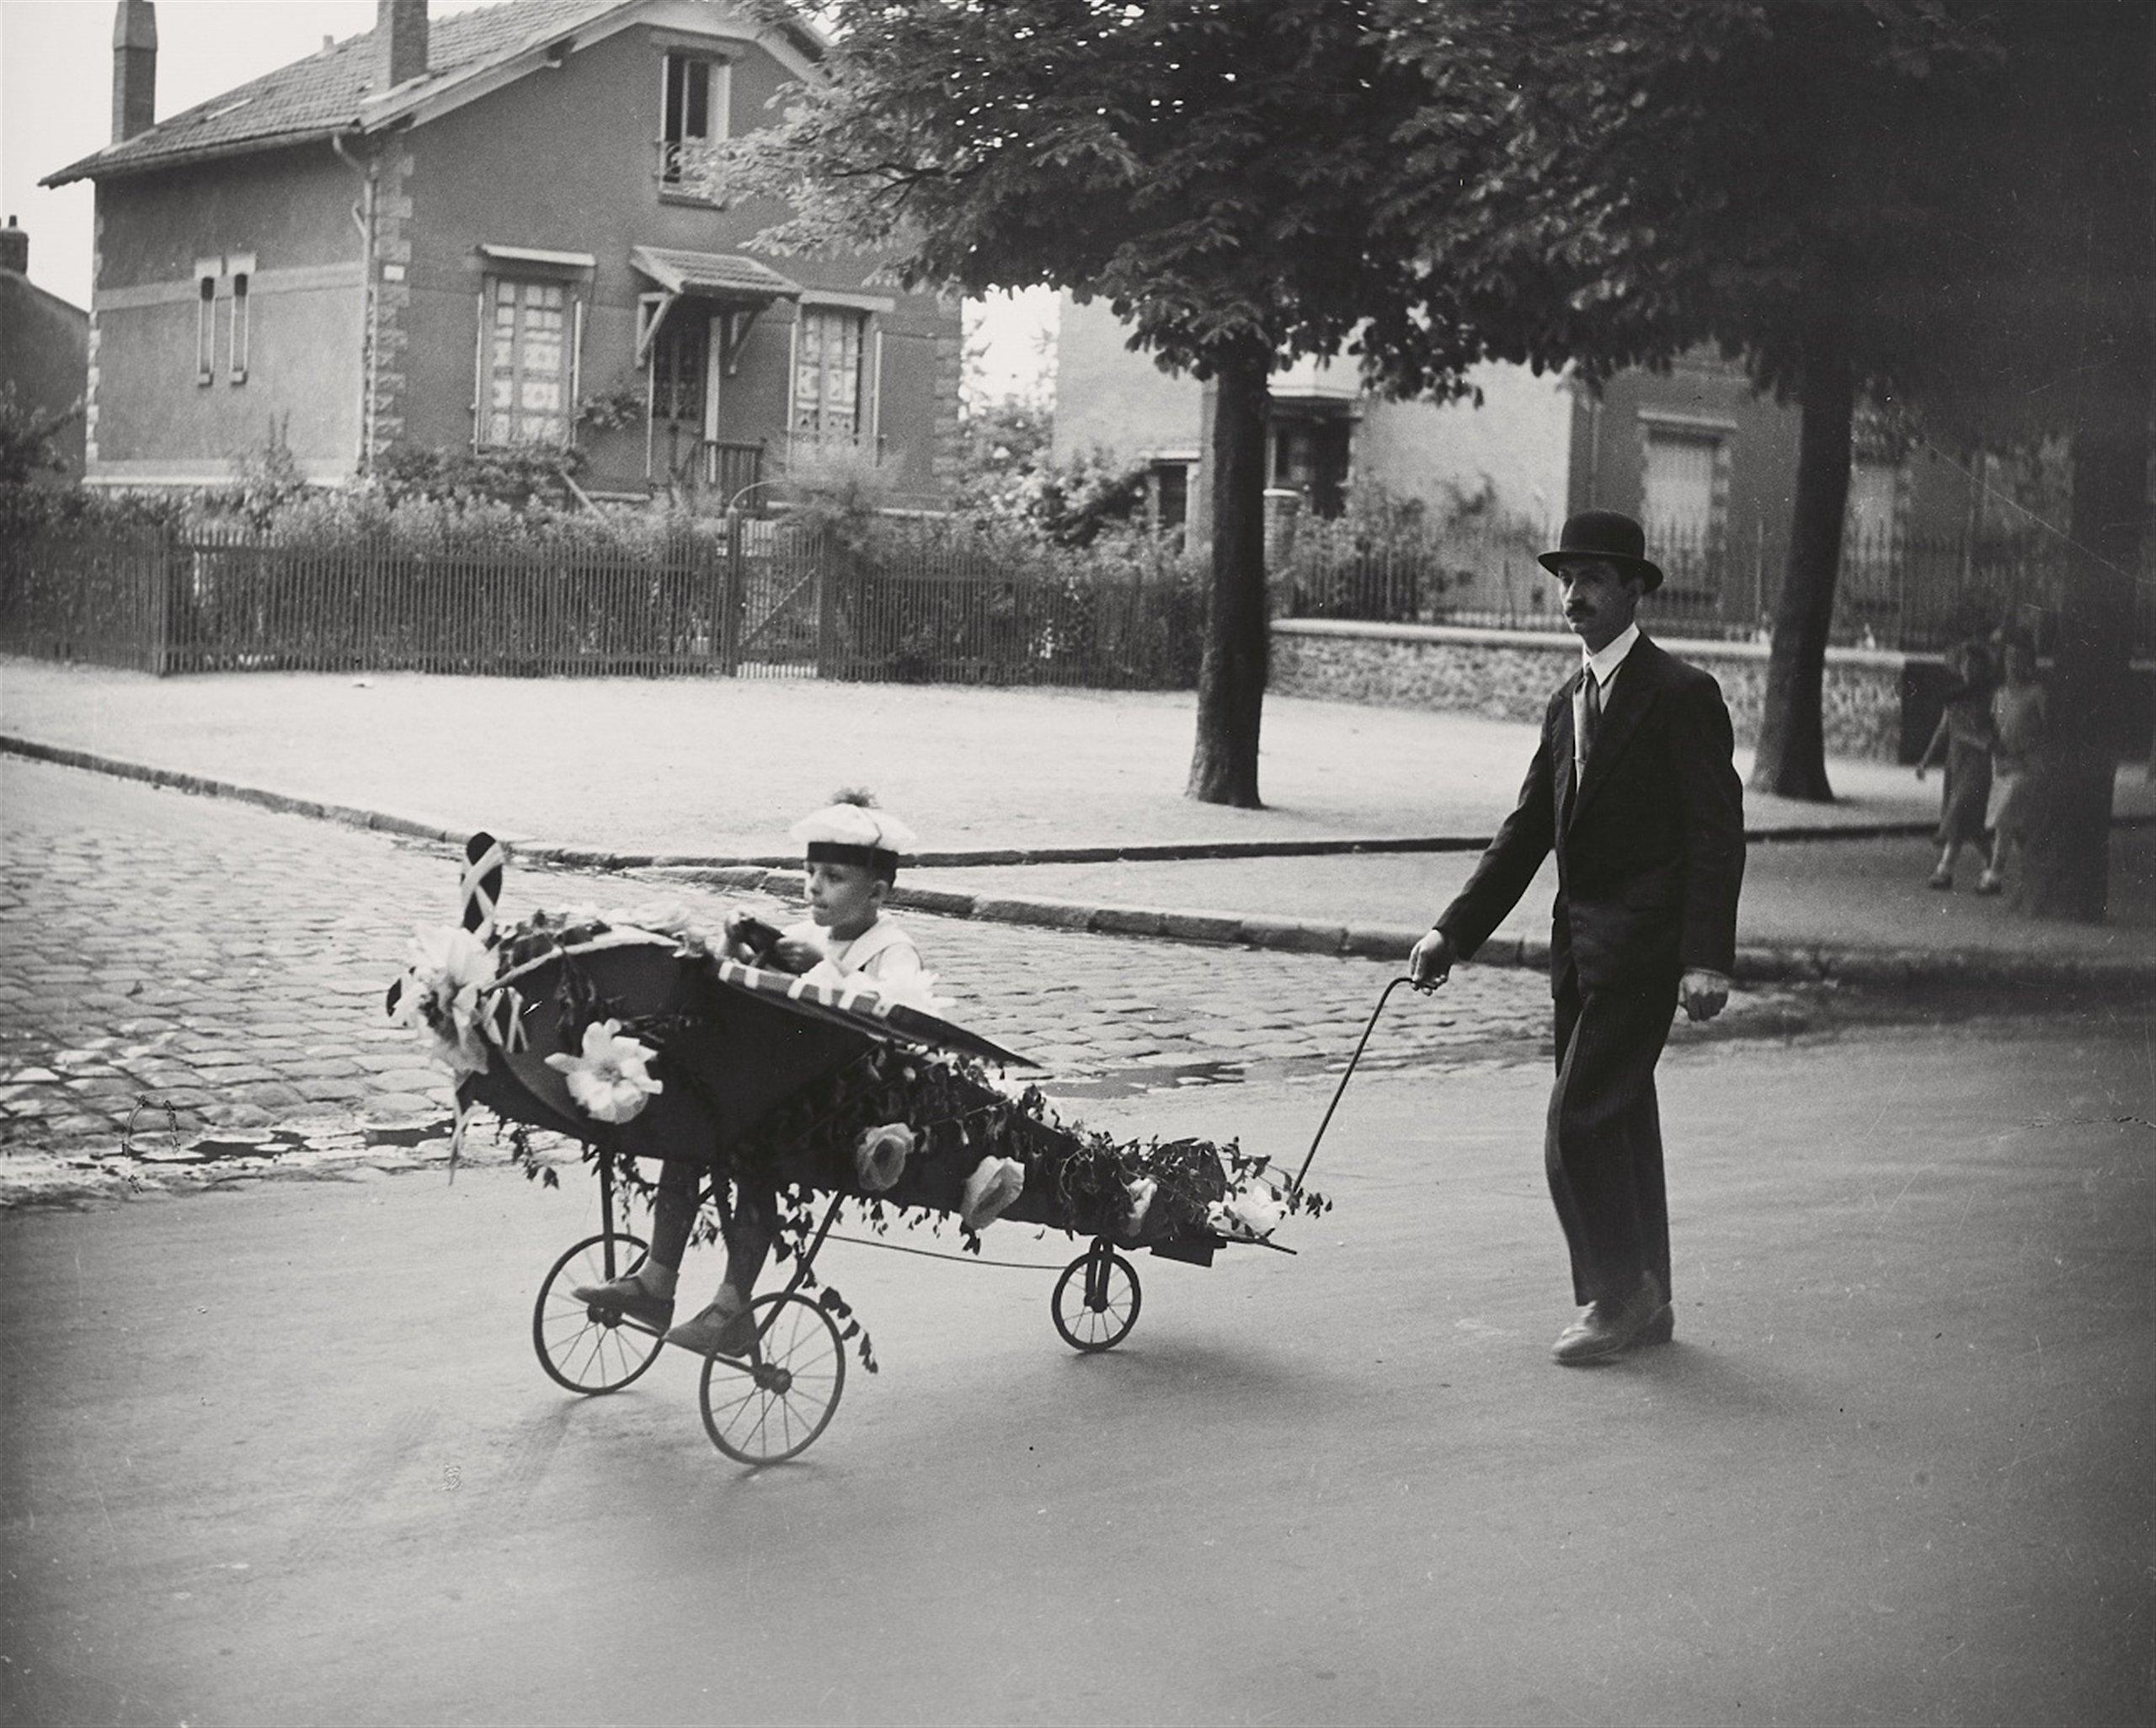 Robert Doisneau, L'aéroplane de papa, 1934, image ©Lempertz